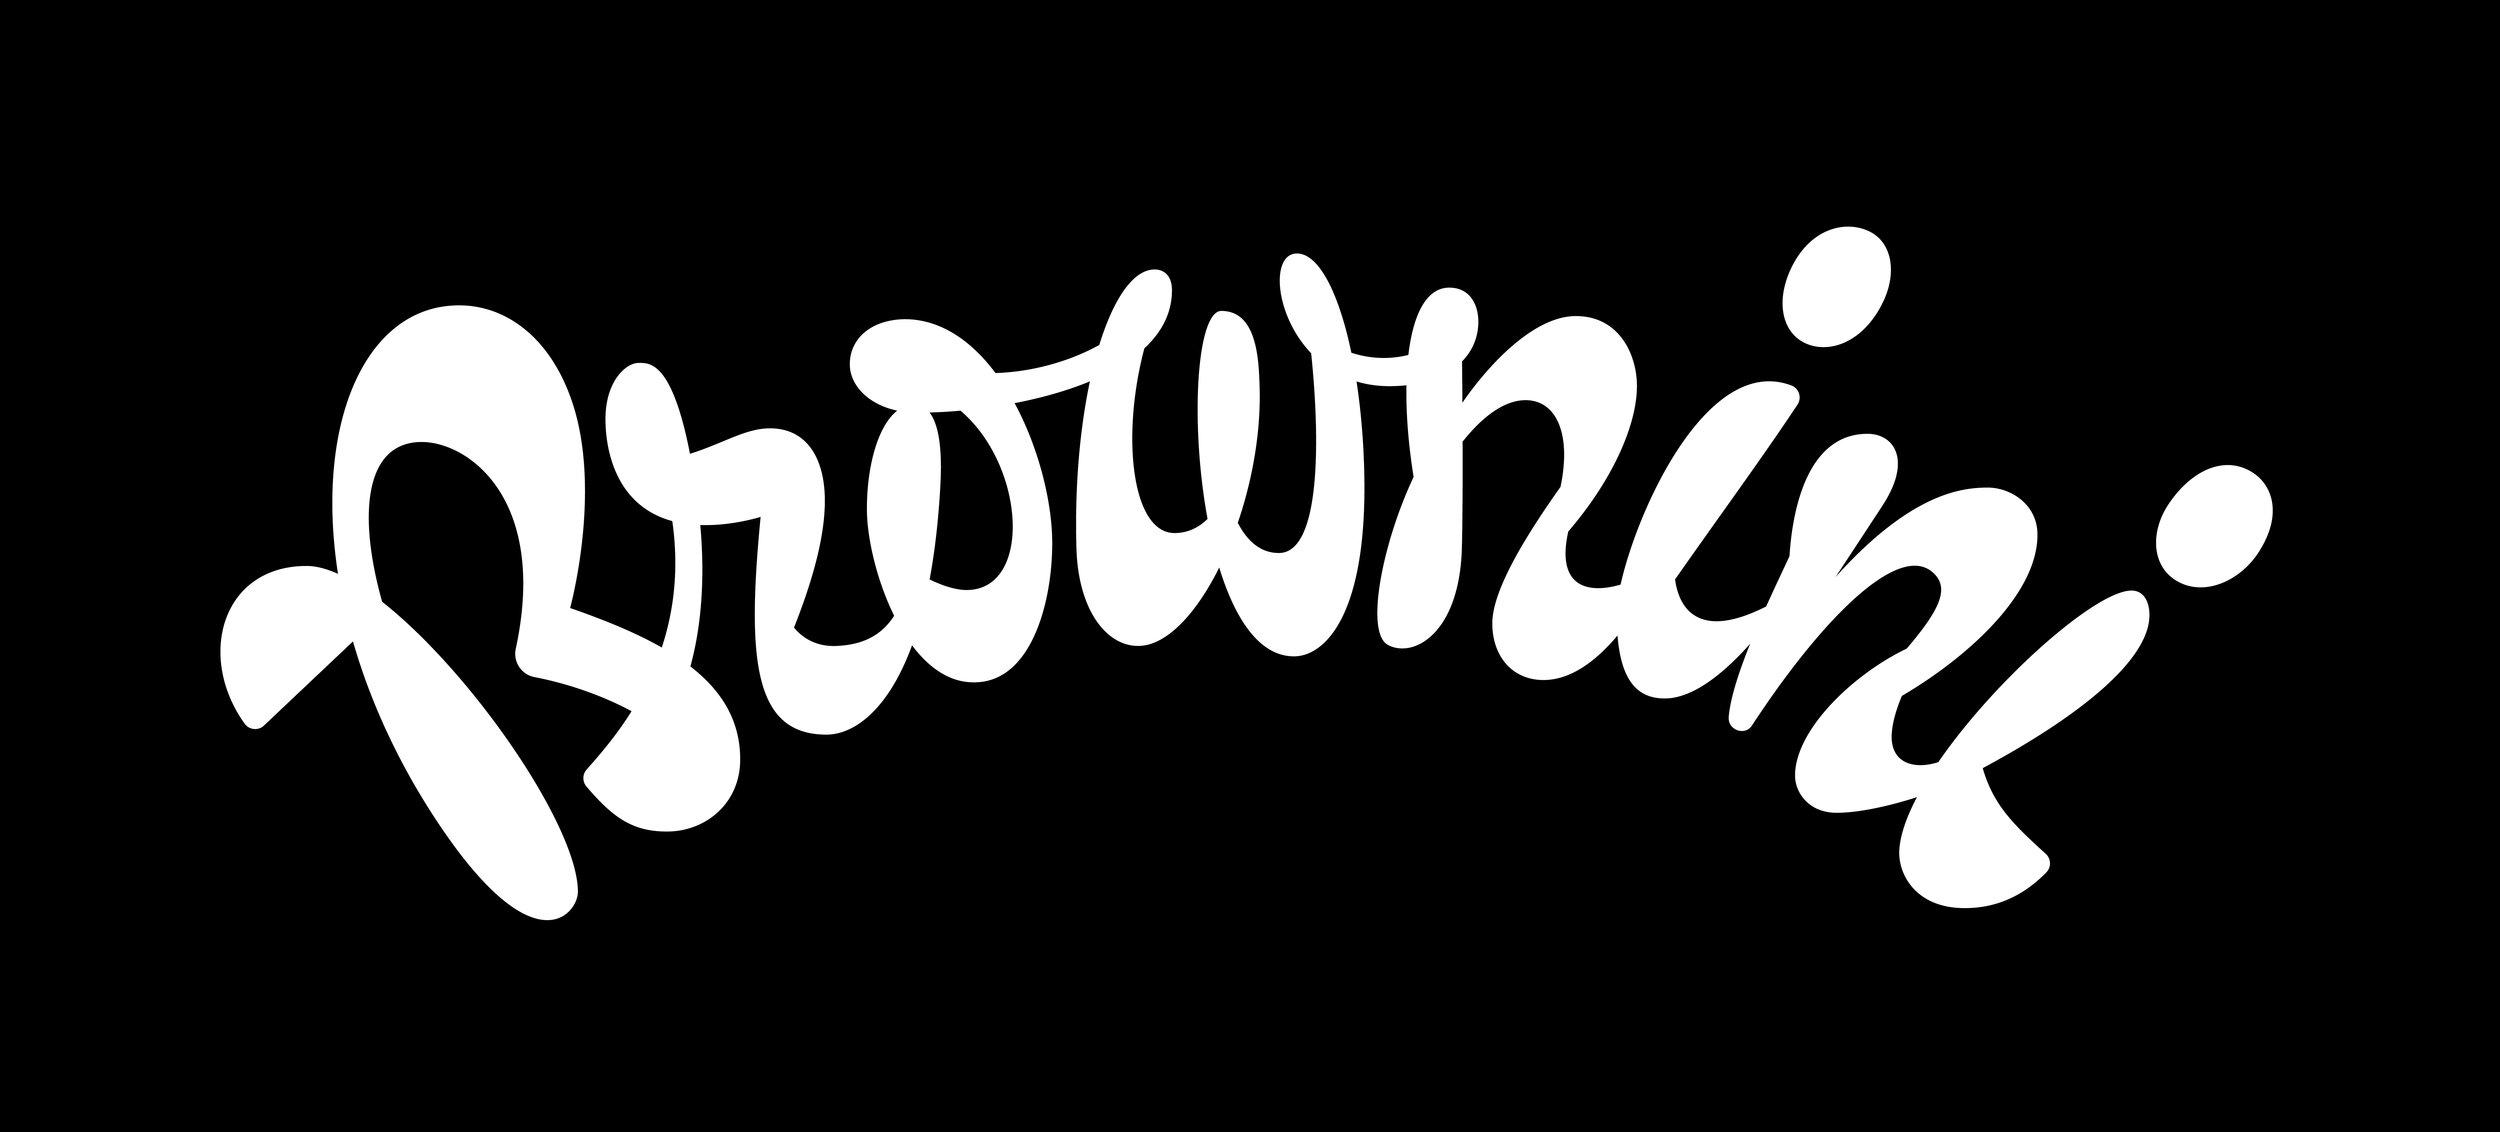 Brownini_original-04.jpg